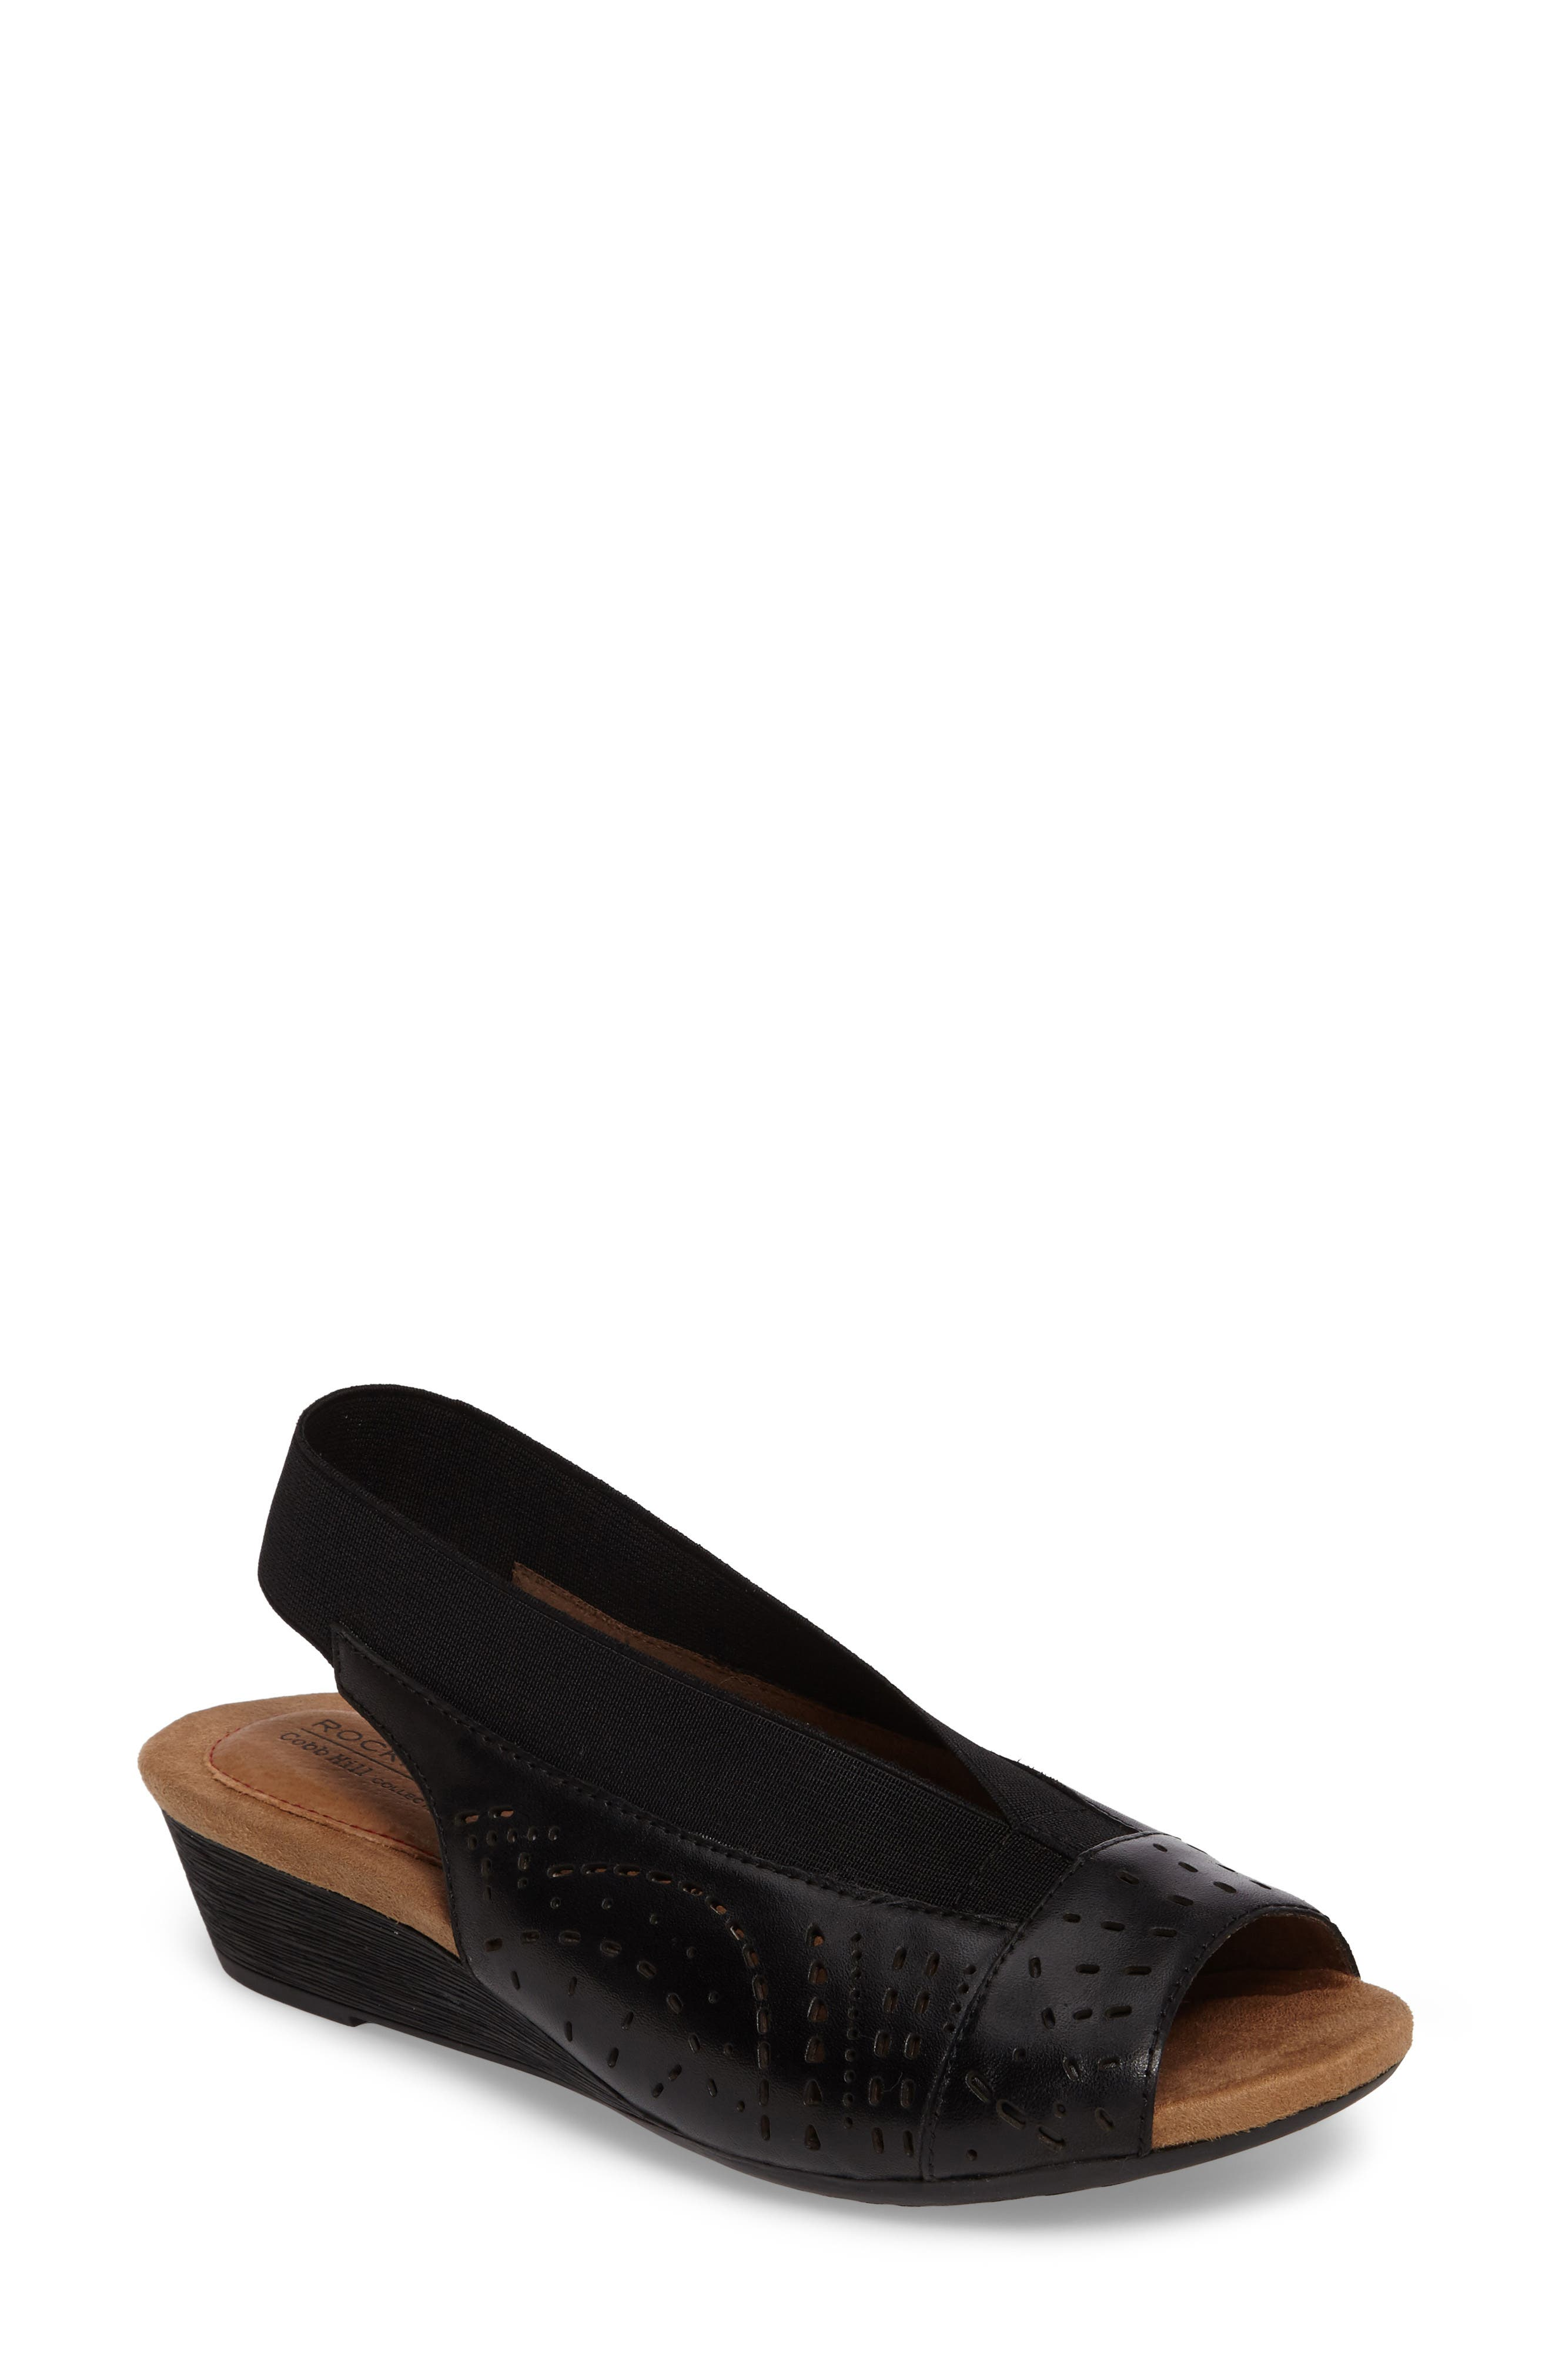 Judson Slingback Wedge Sandal,                         Main,                         color, BLACK LEATHER